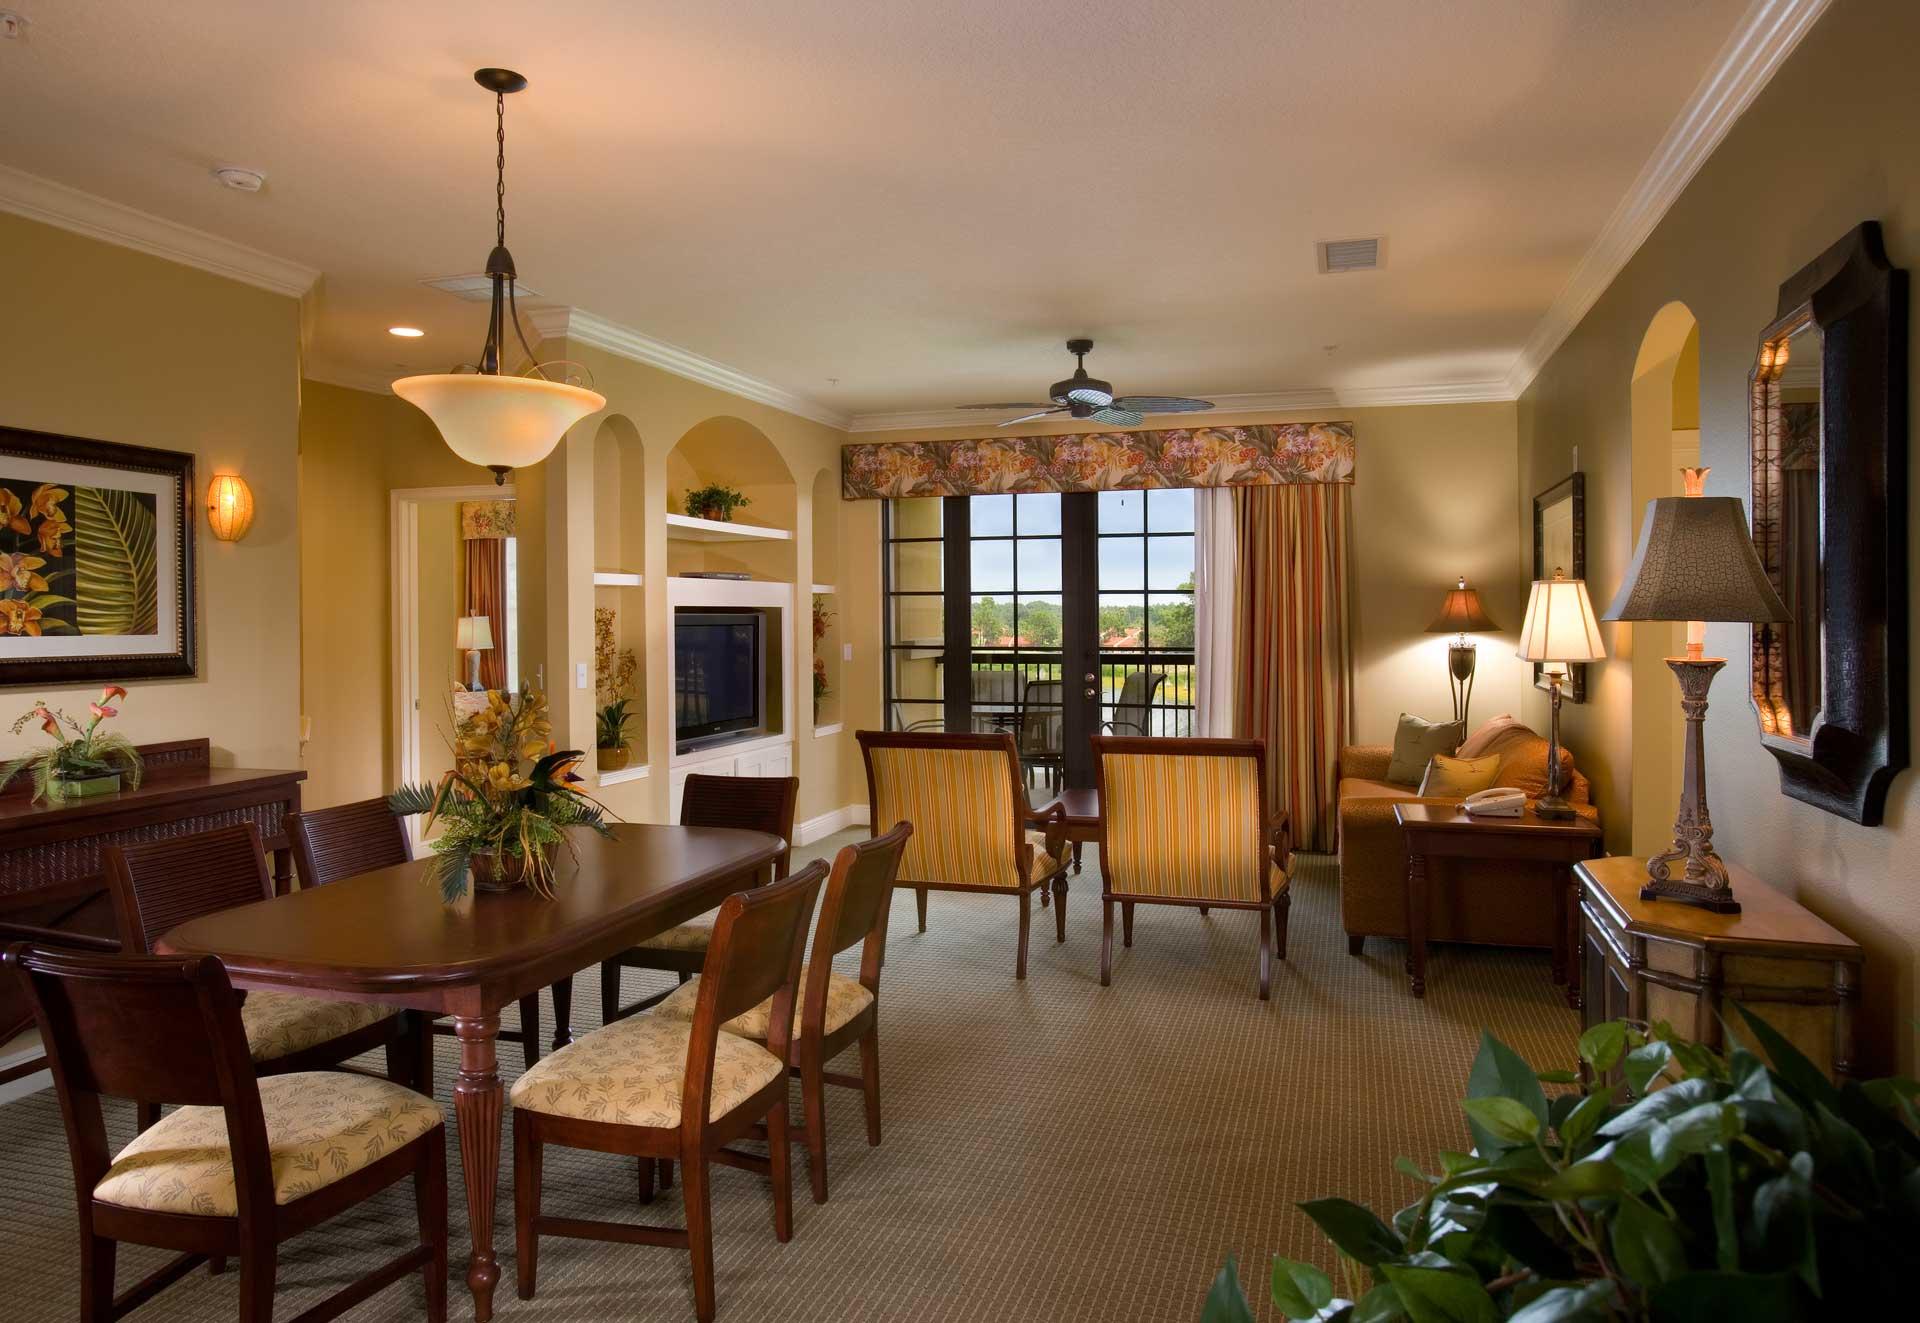 3 Bedroom Suites In Orlando The Berkley Orlando